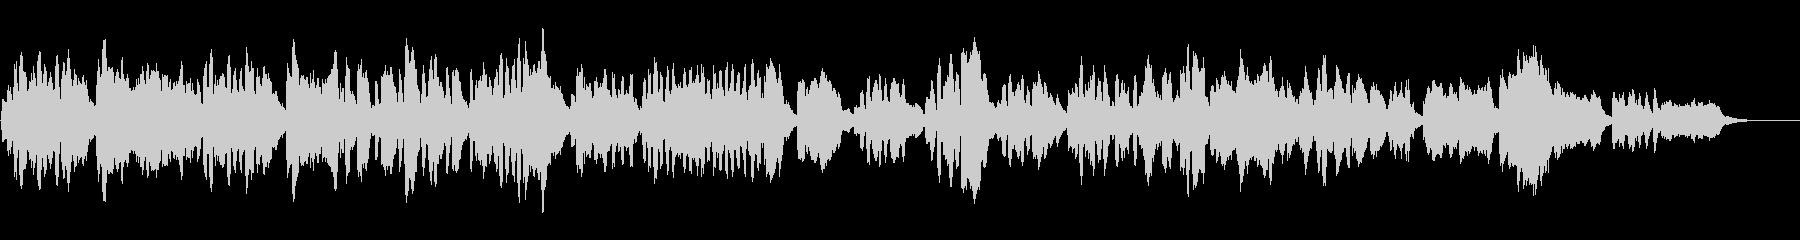 バロック風リコーダー四重奏の未再生の波形